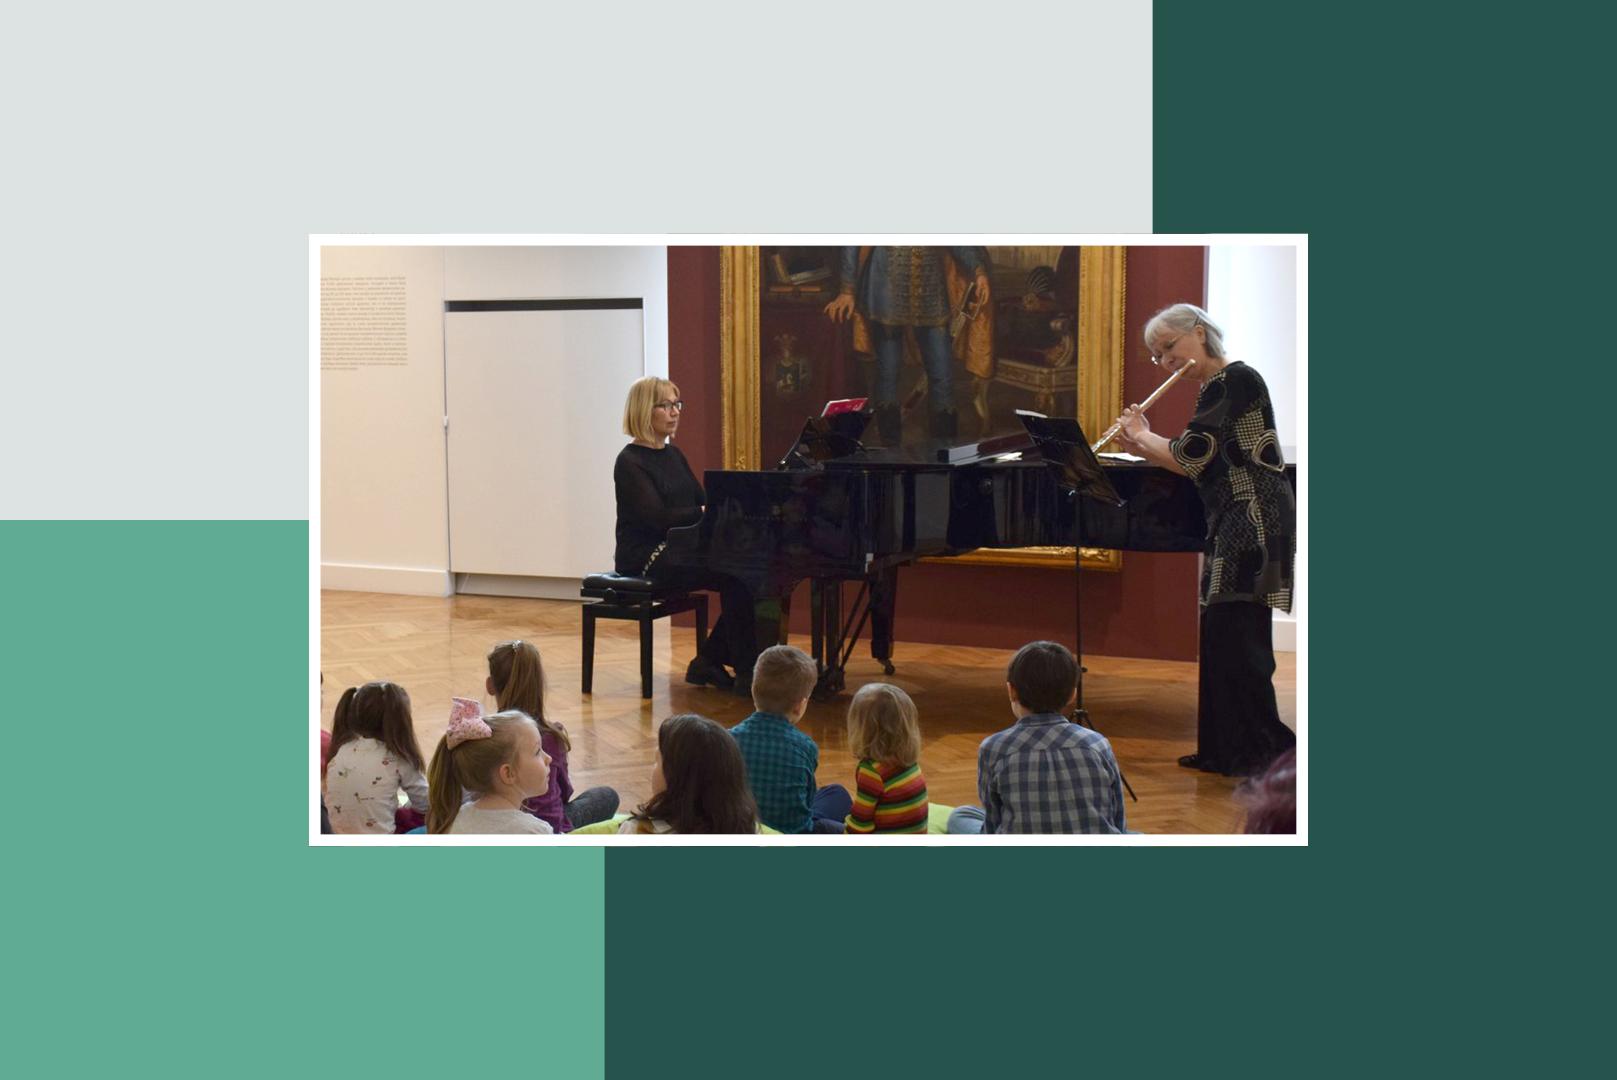 koncert klasične muzike za decu